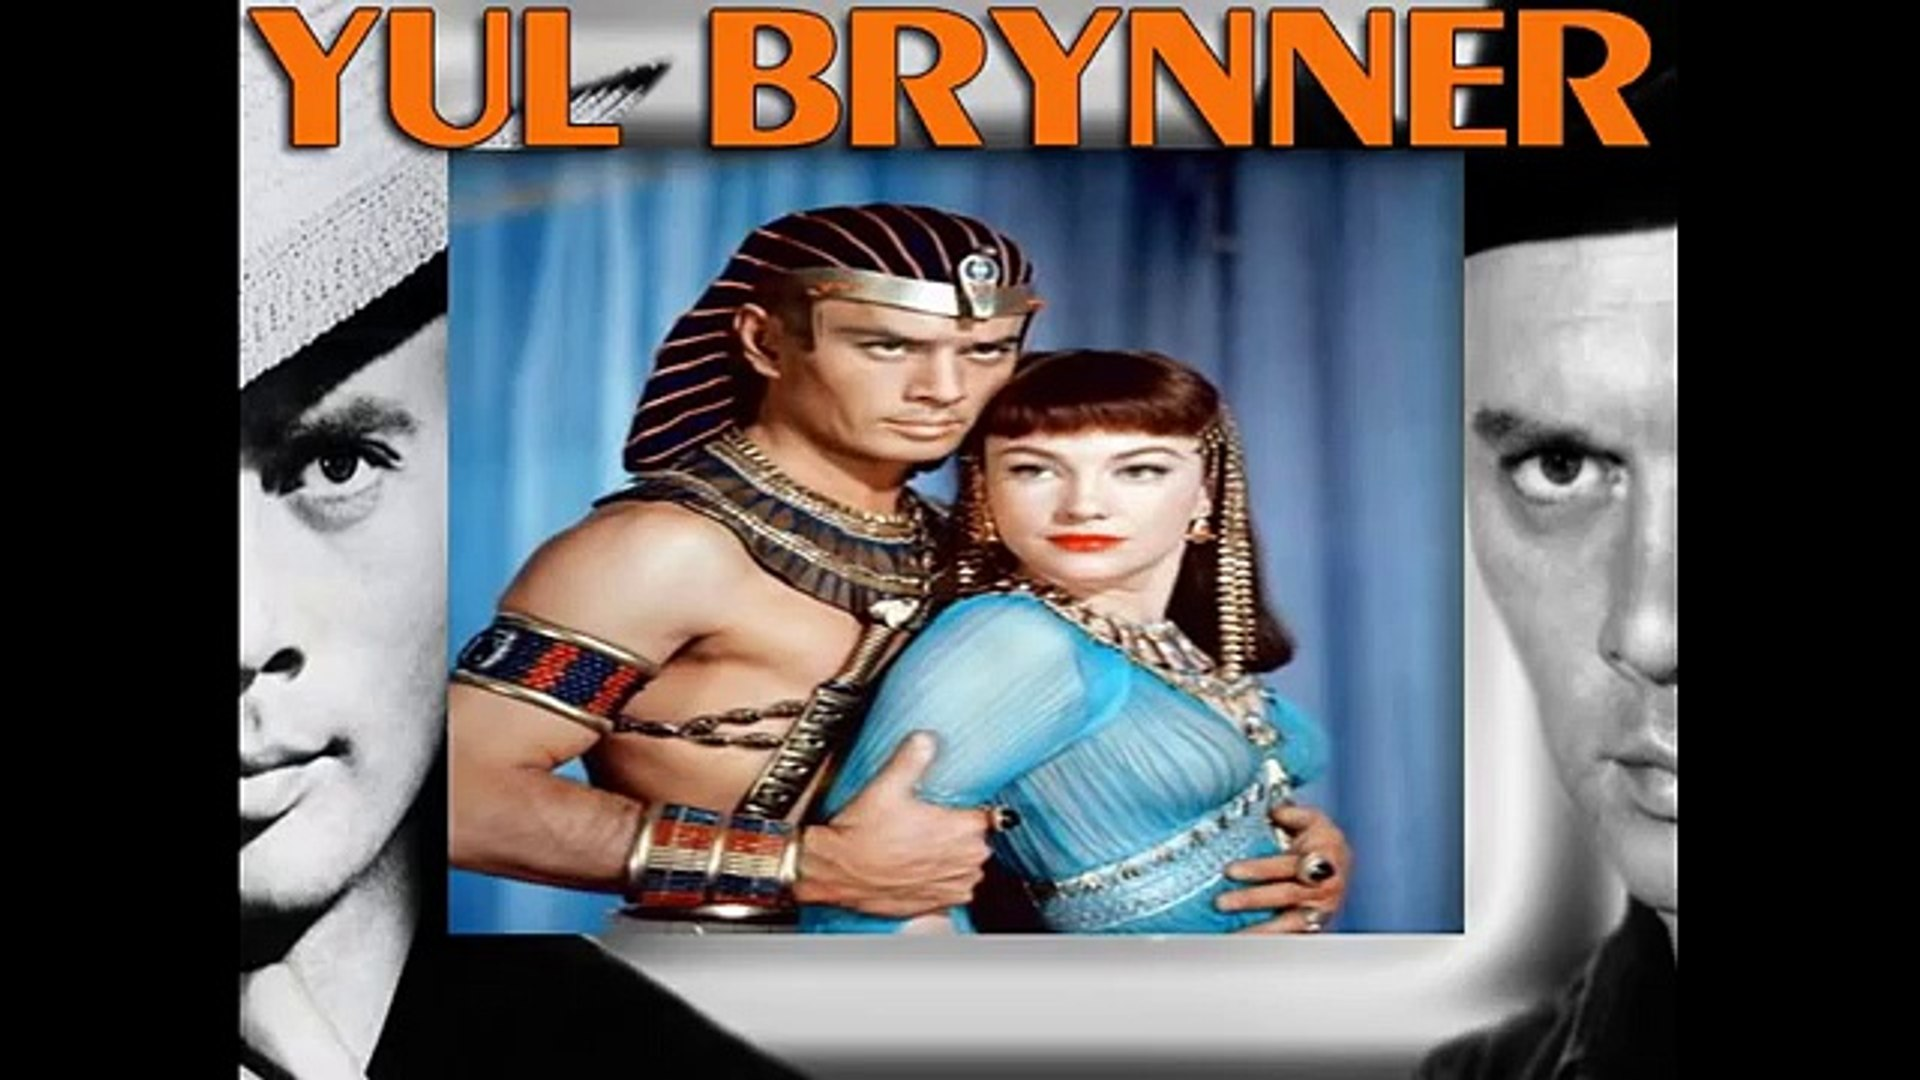 Joyas Del Western Yul Brynner El Calvo Del Cine Por Antonomasia Video Dailymotion